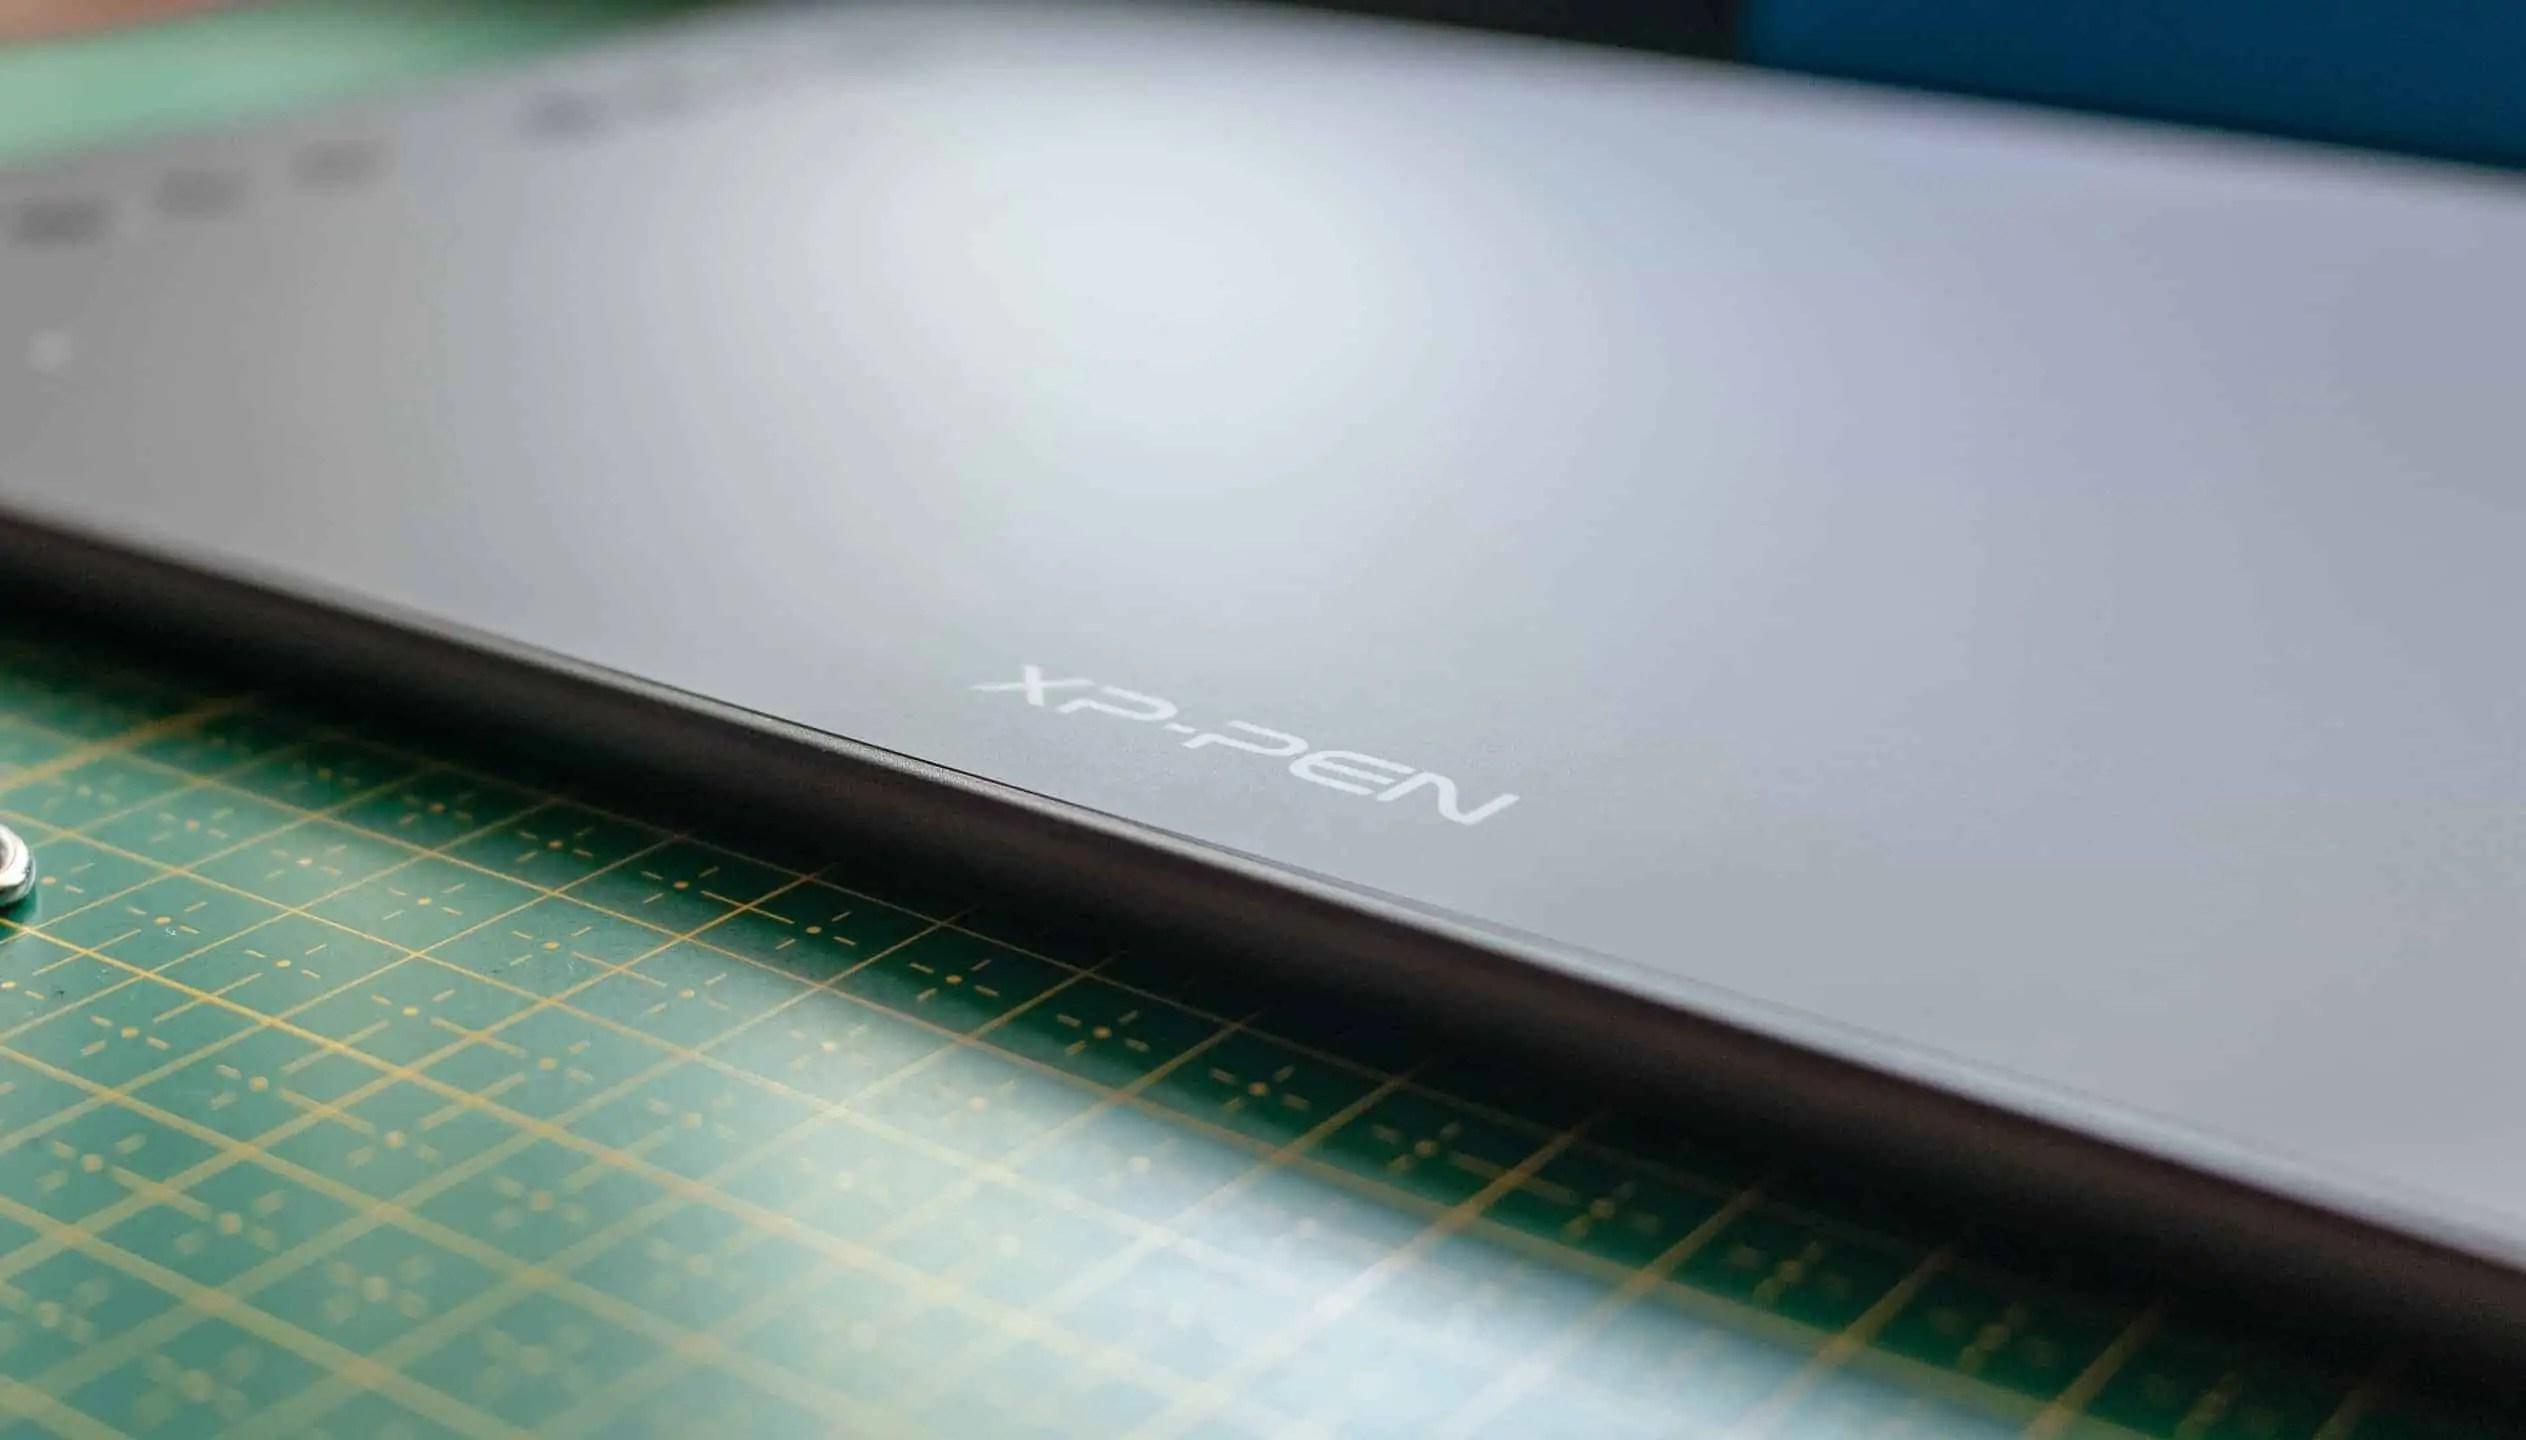 Prosty tablet graficzny do rysowania powierzchnia - Praca z tabletem graficznym XP PEN Deco 01 v2